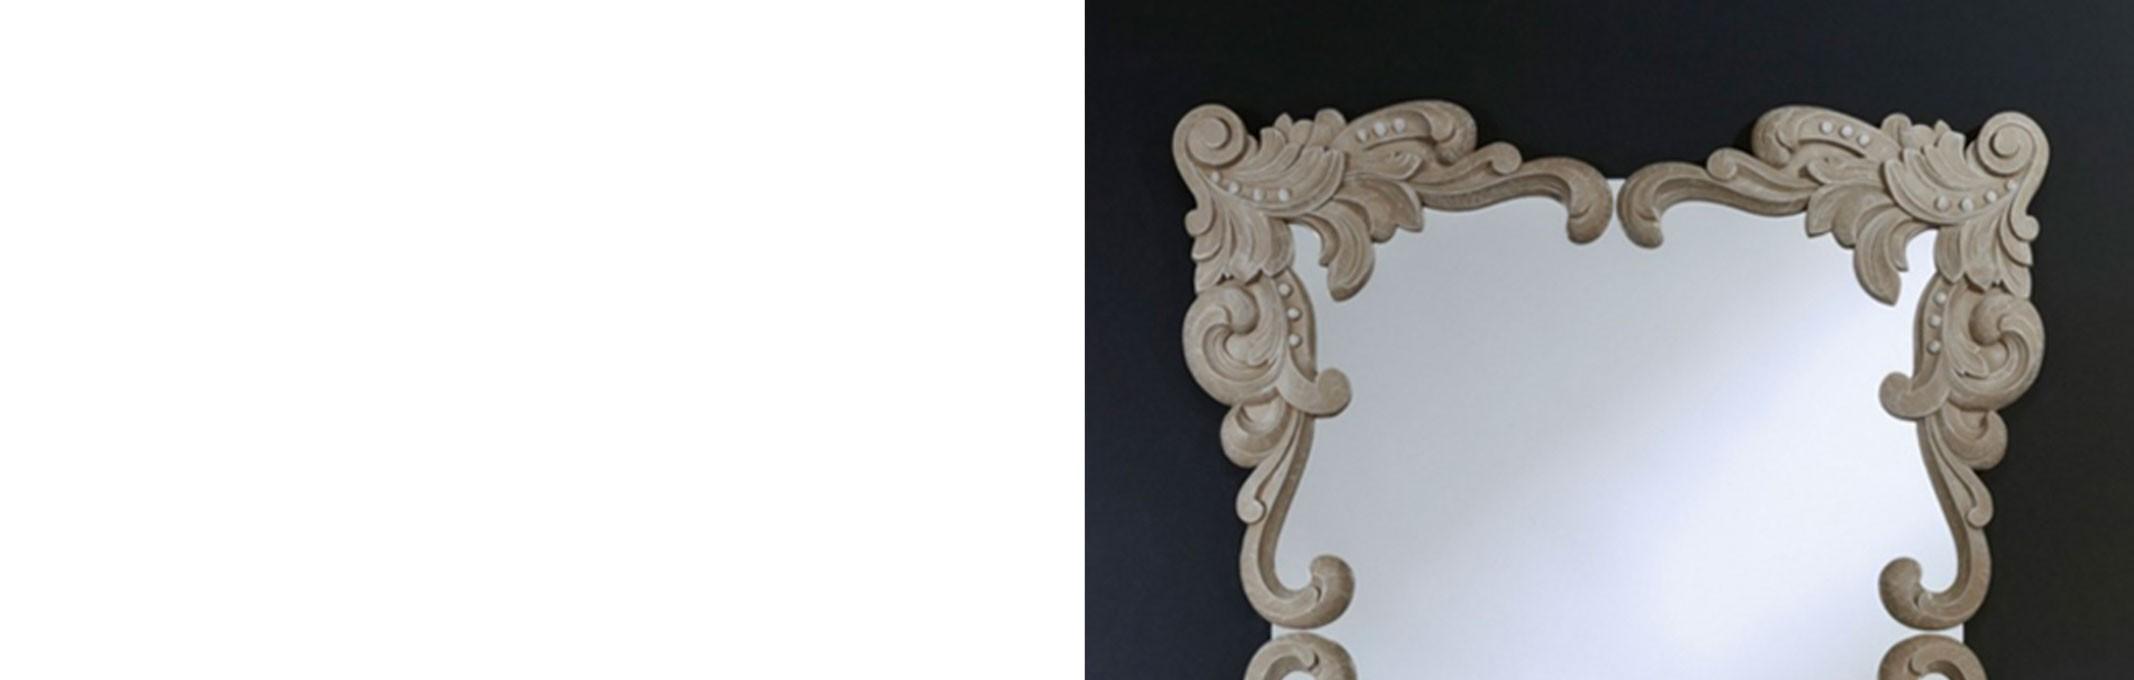 Miroir gotique